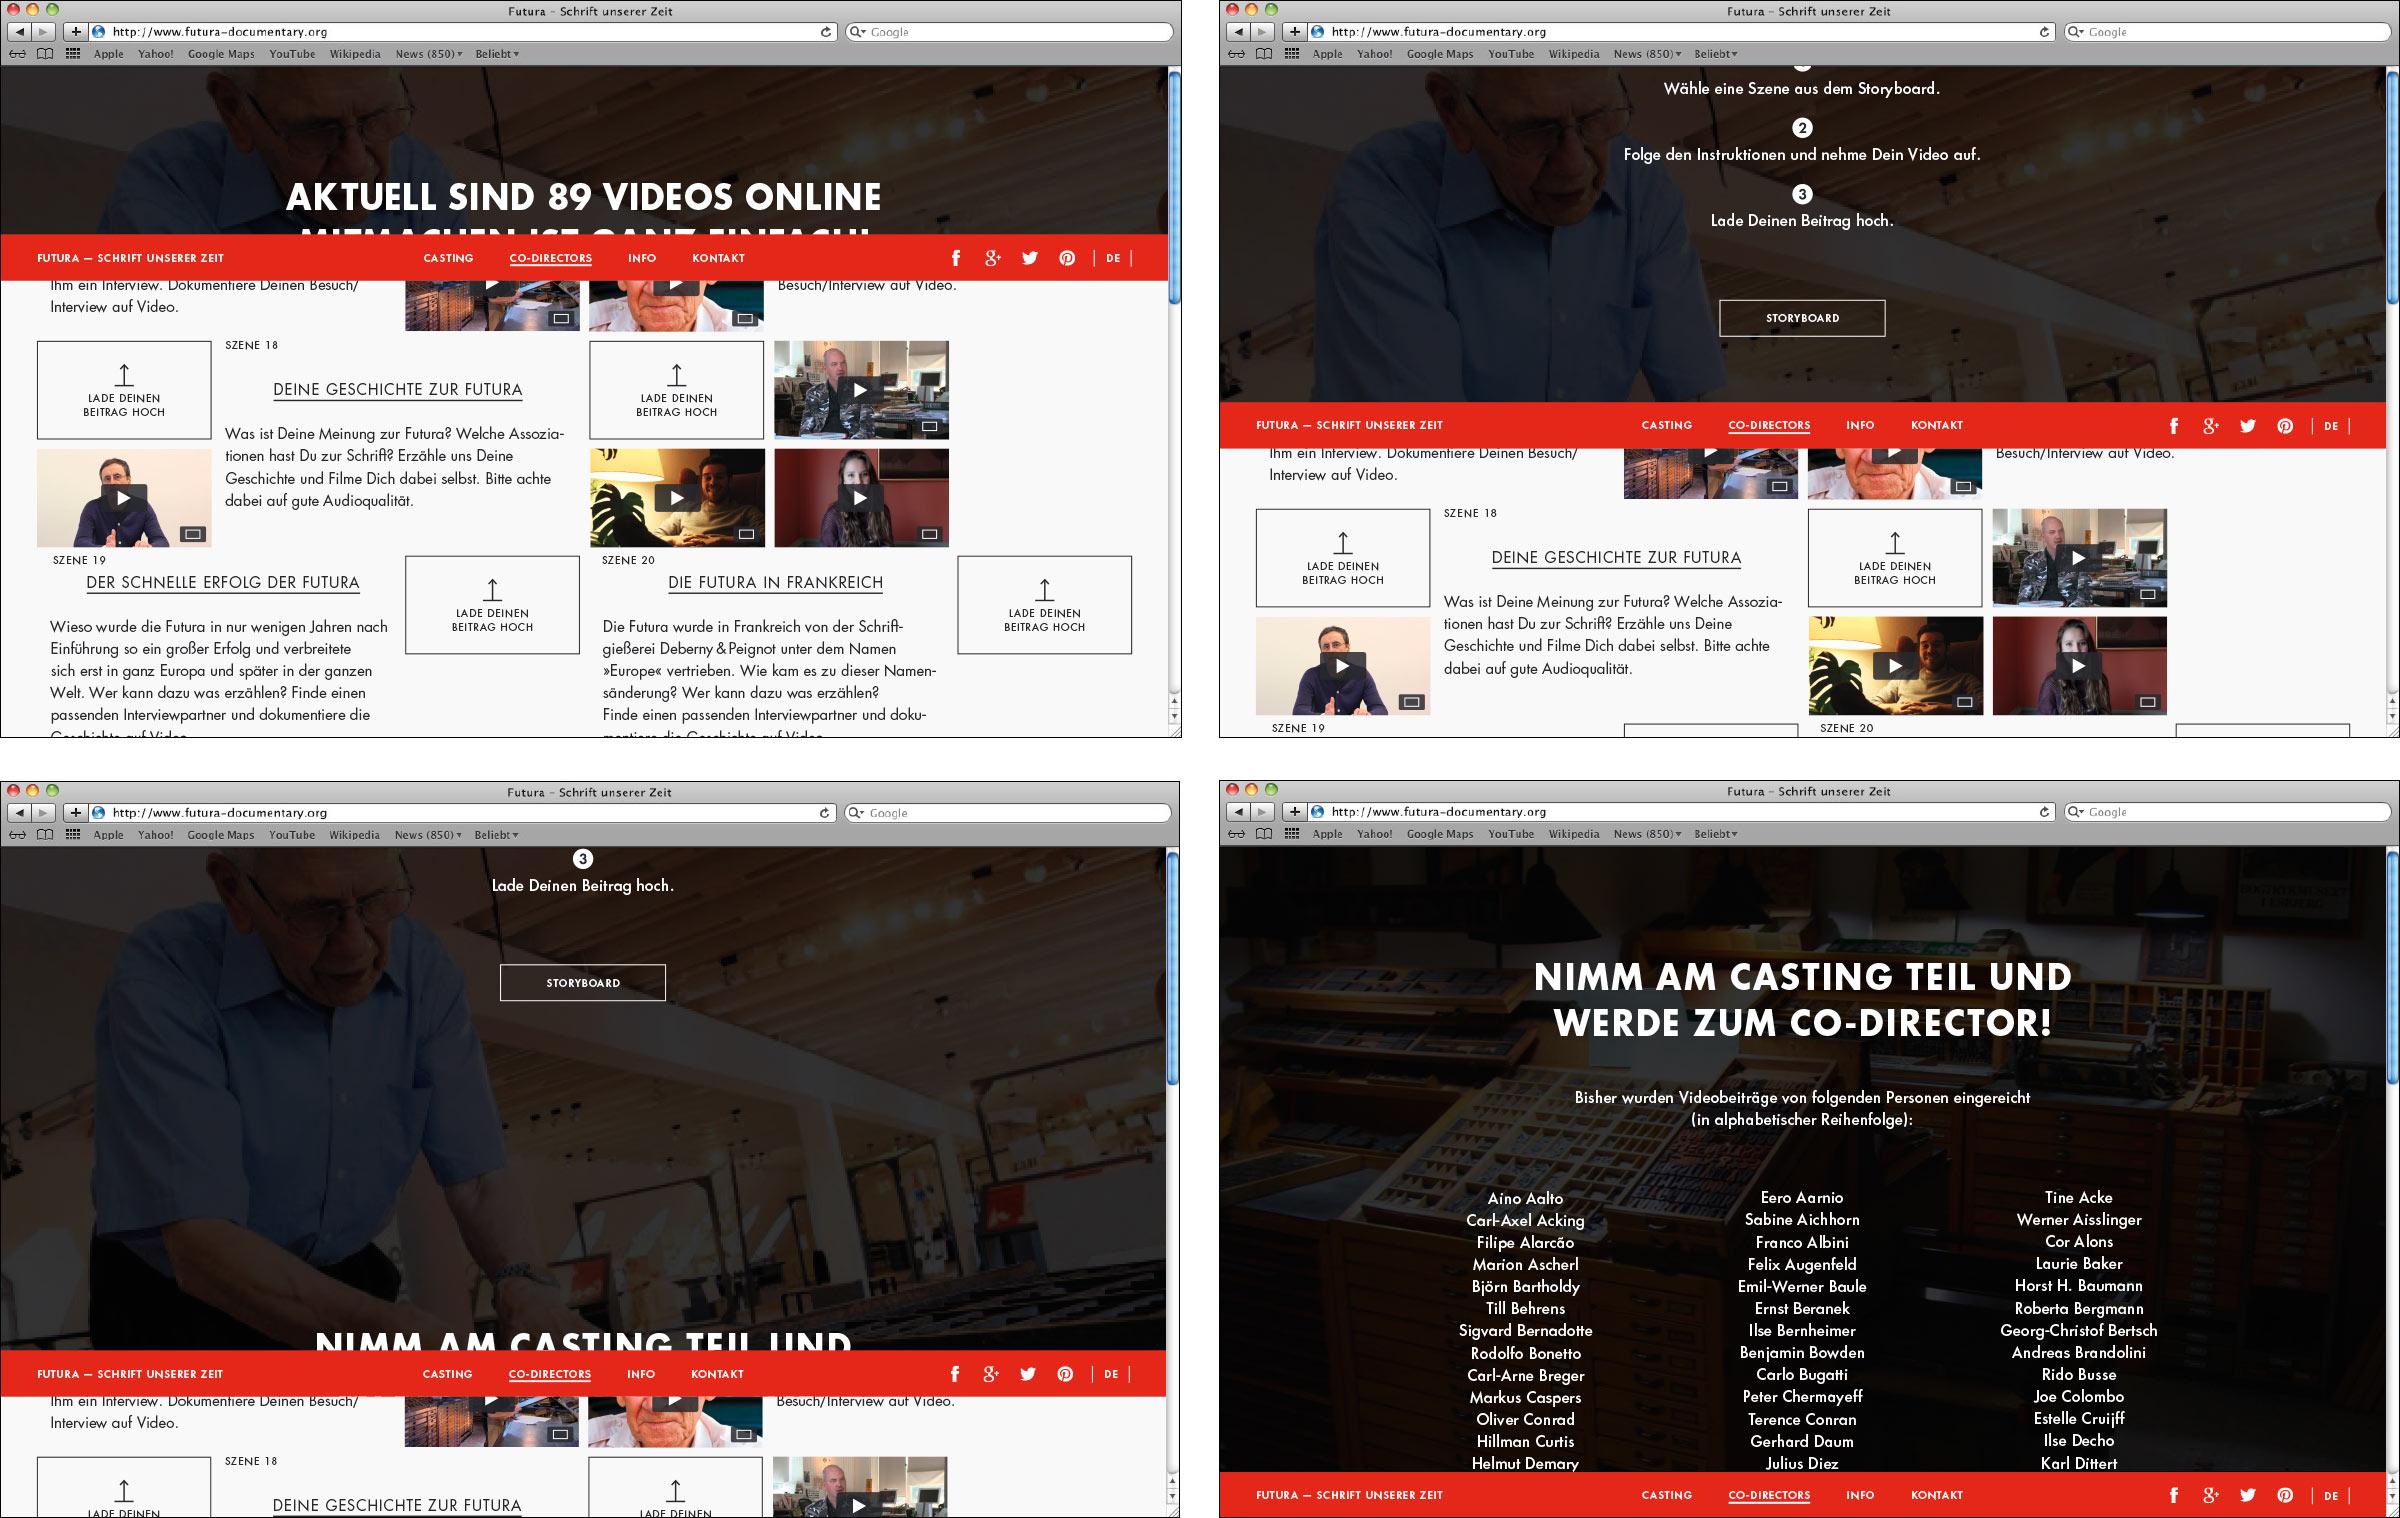 Overlay schließt sich bei Scrolling auf der Webseite © Christian Weber – Büro für Gestaltung und Kommunikation